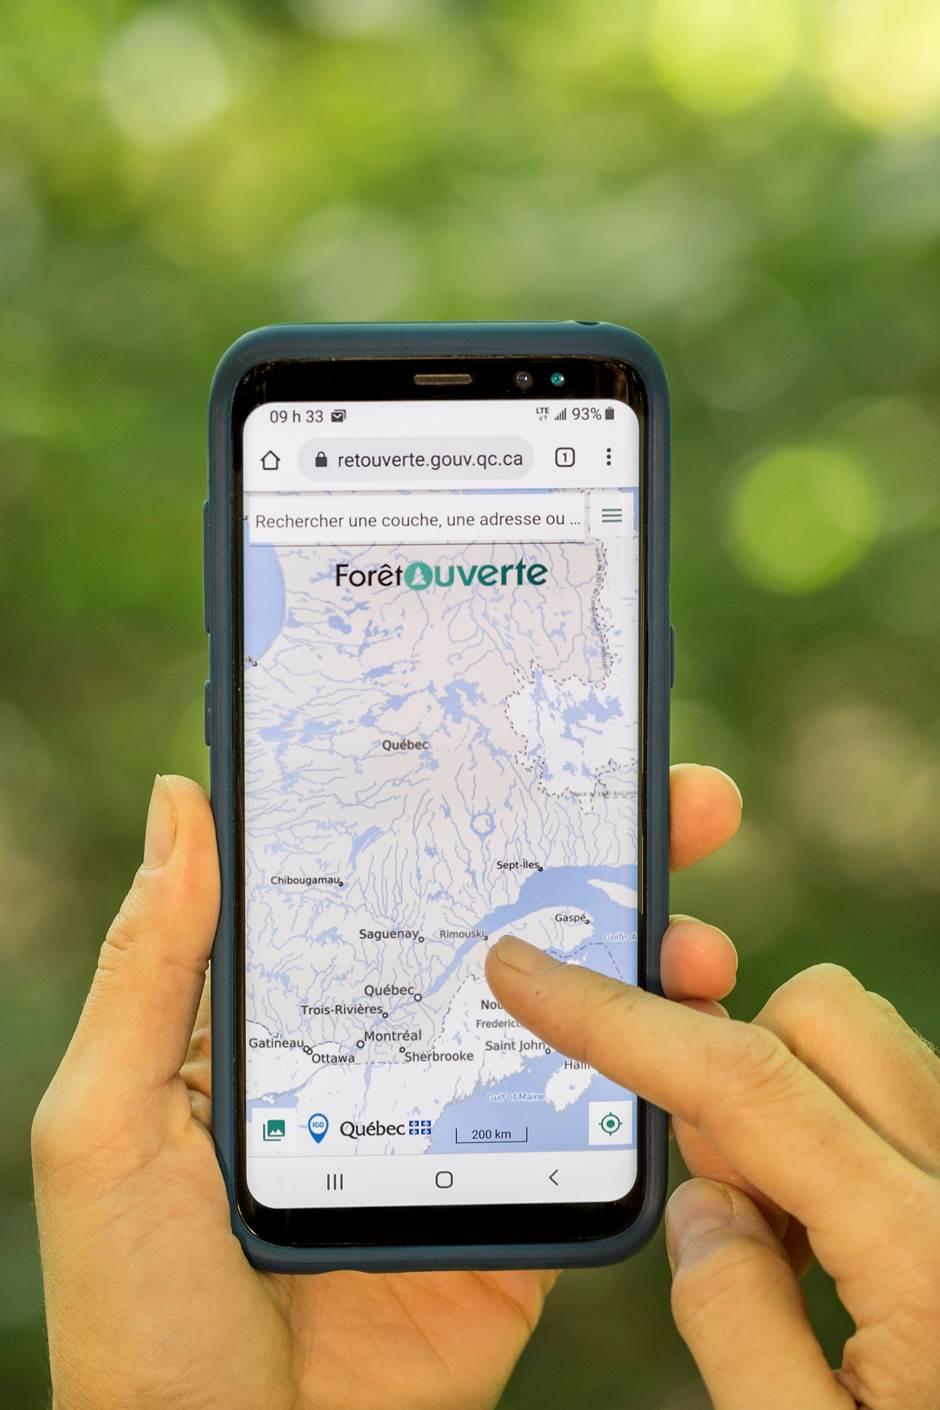 Apprenez à utiliser la carte interactive « Forêt ouverte »